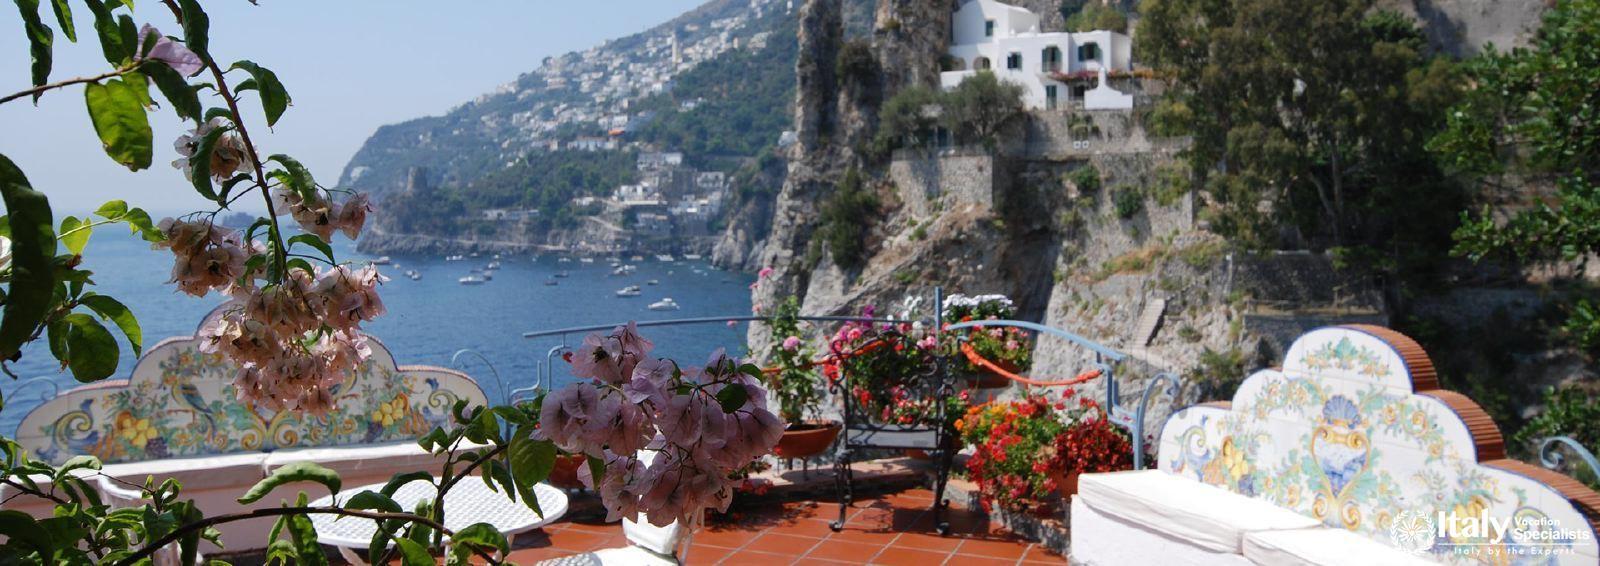 Villa Dia Amalfi Coast Italy